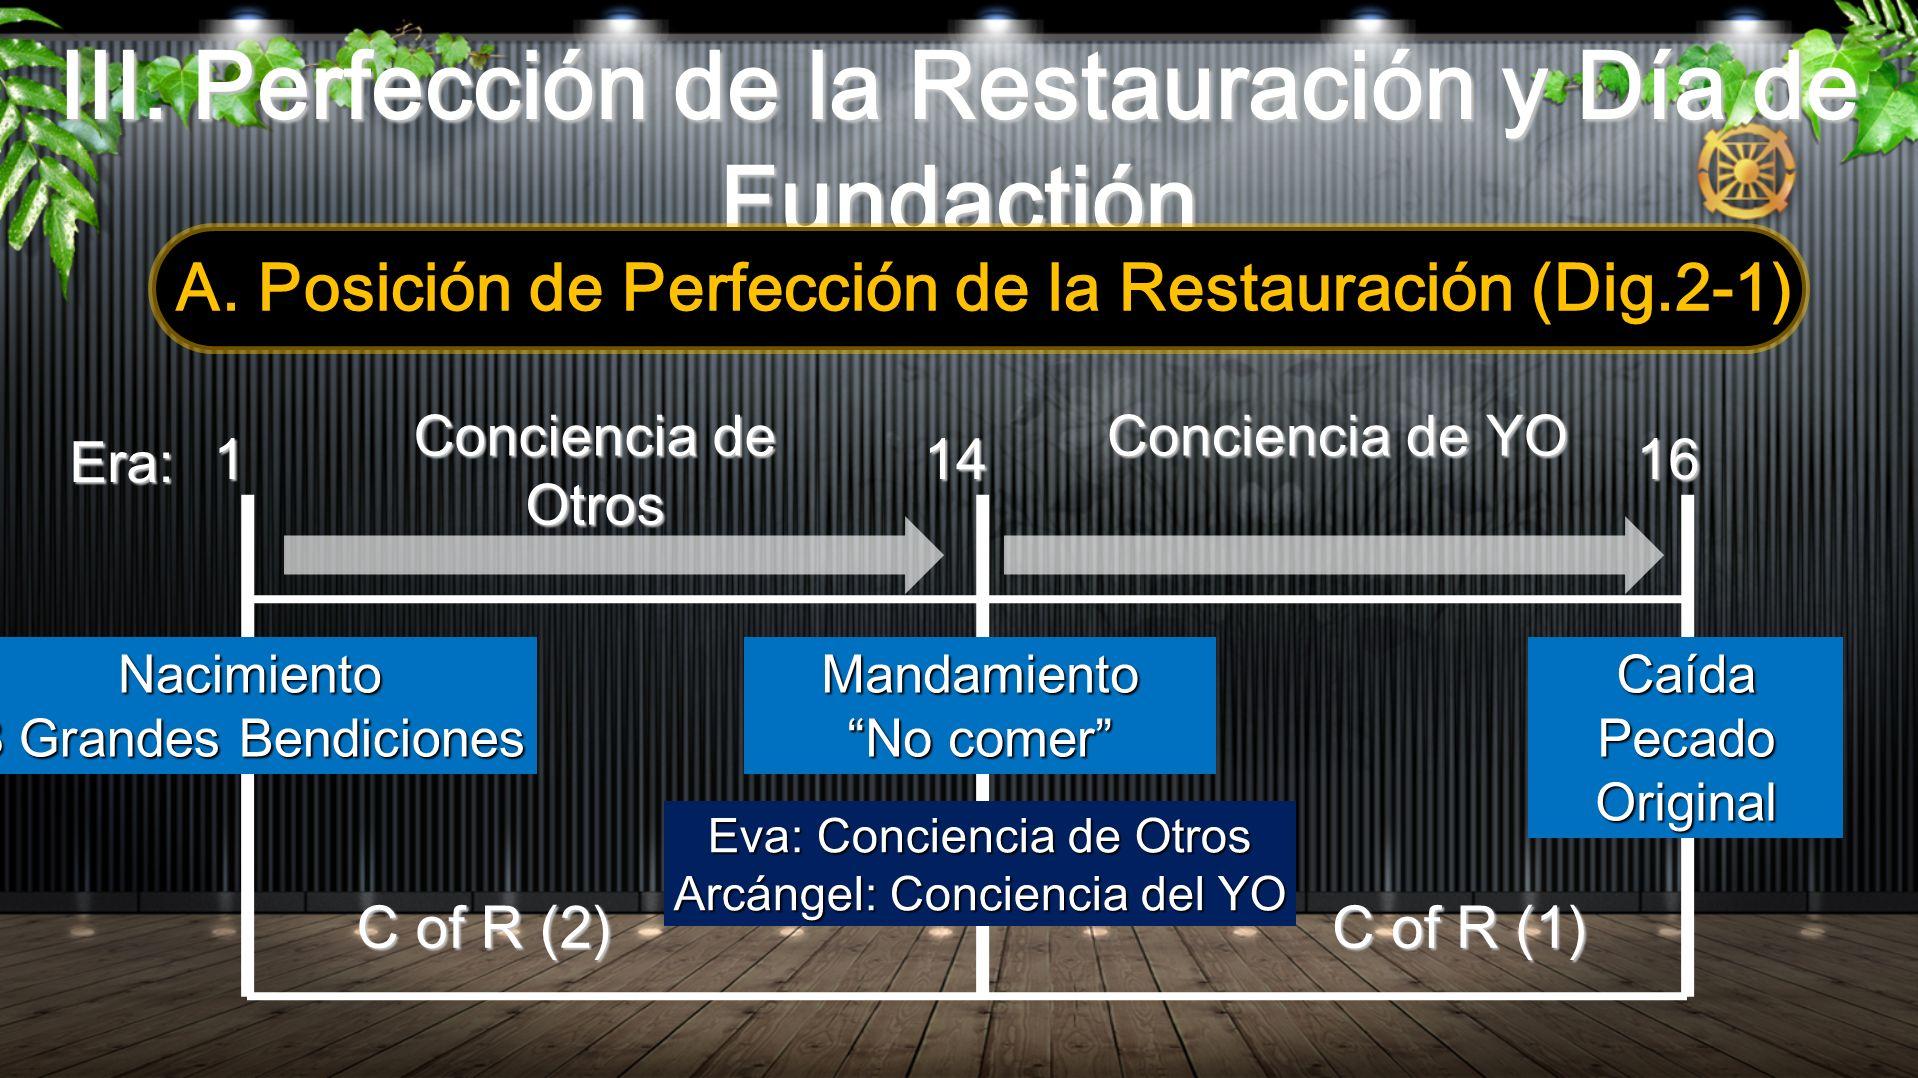 III. Perfección de la Restauración y Día de Fundactión A. Posición de Perfección de la Restauración (Dig.2-1) 11416 Conciencia de Otros Conciencia de